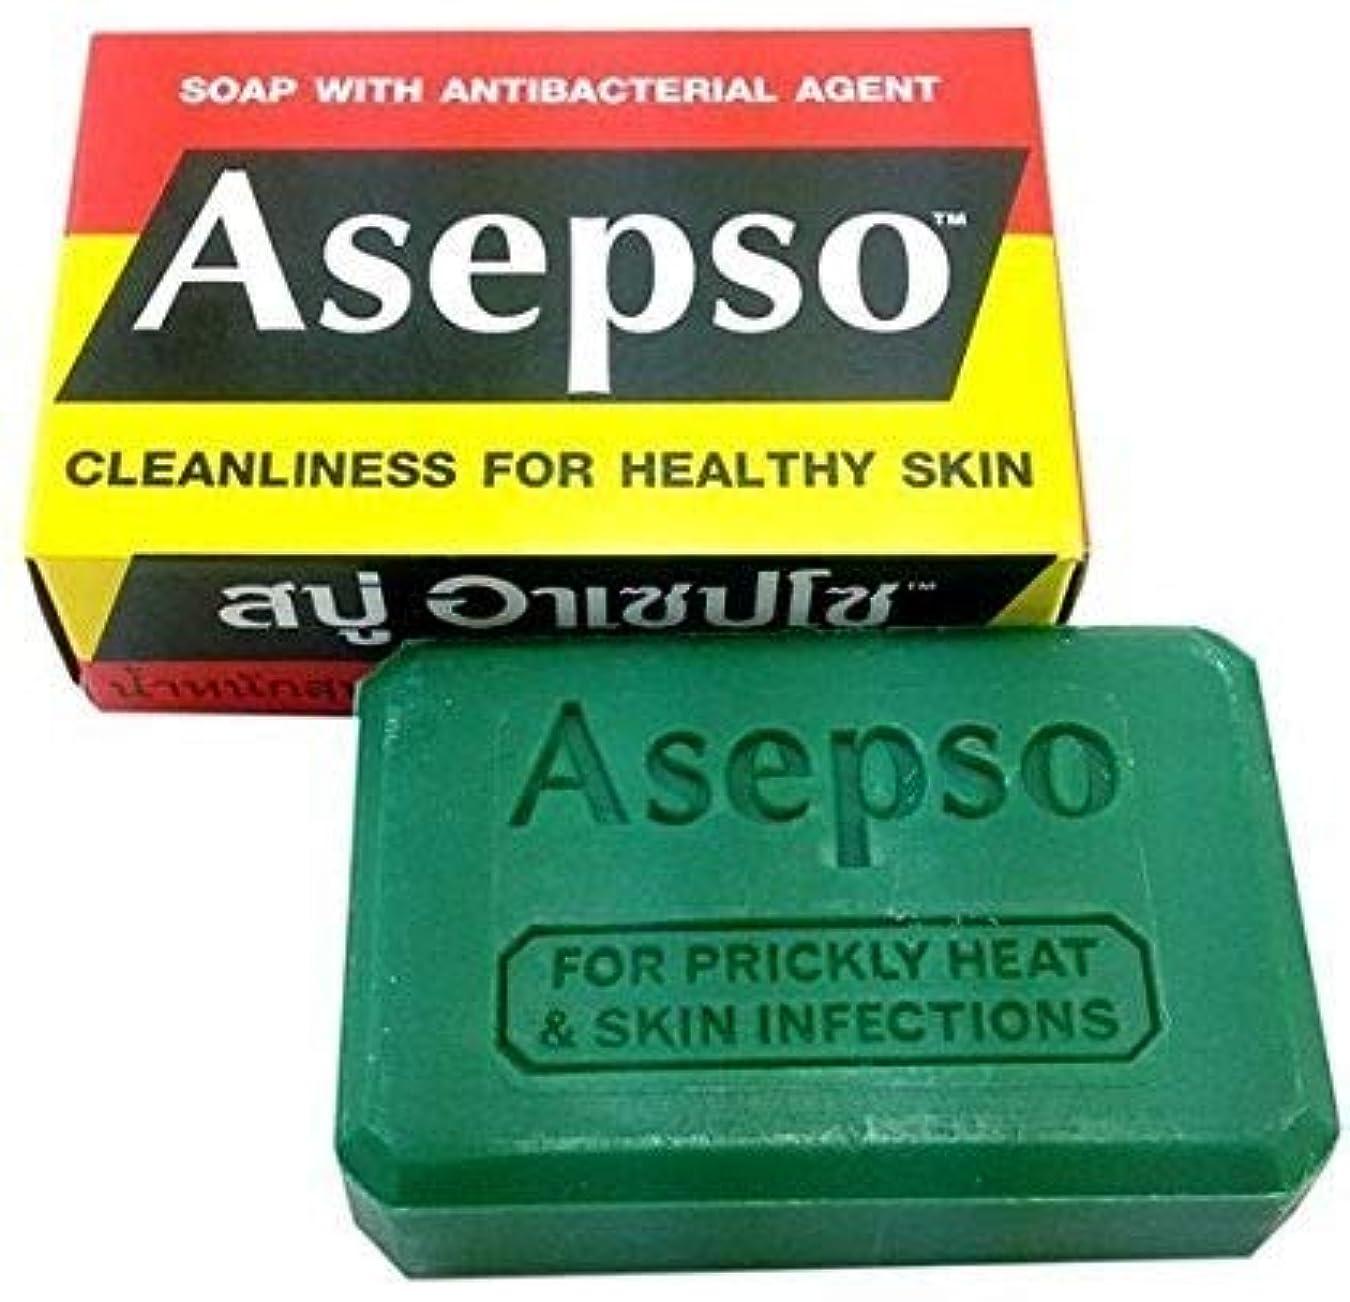 スクリュースクリューペットNi Yom Thai shop Asepso Soap with Antibacterial Agent 80 Grams